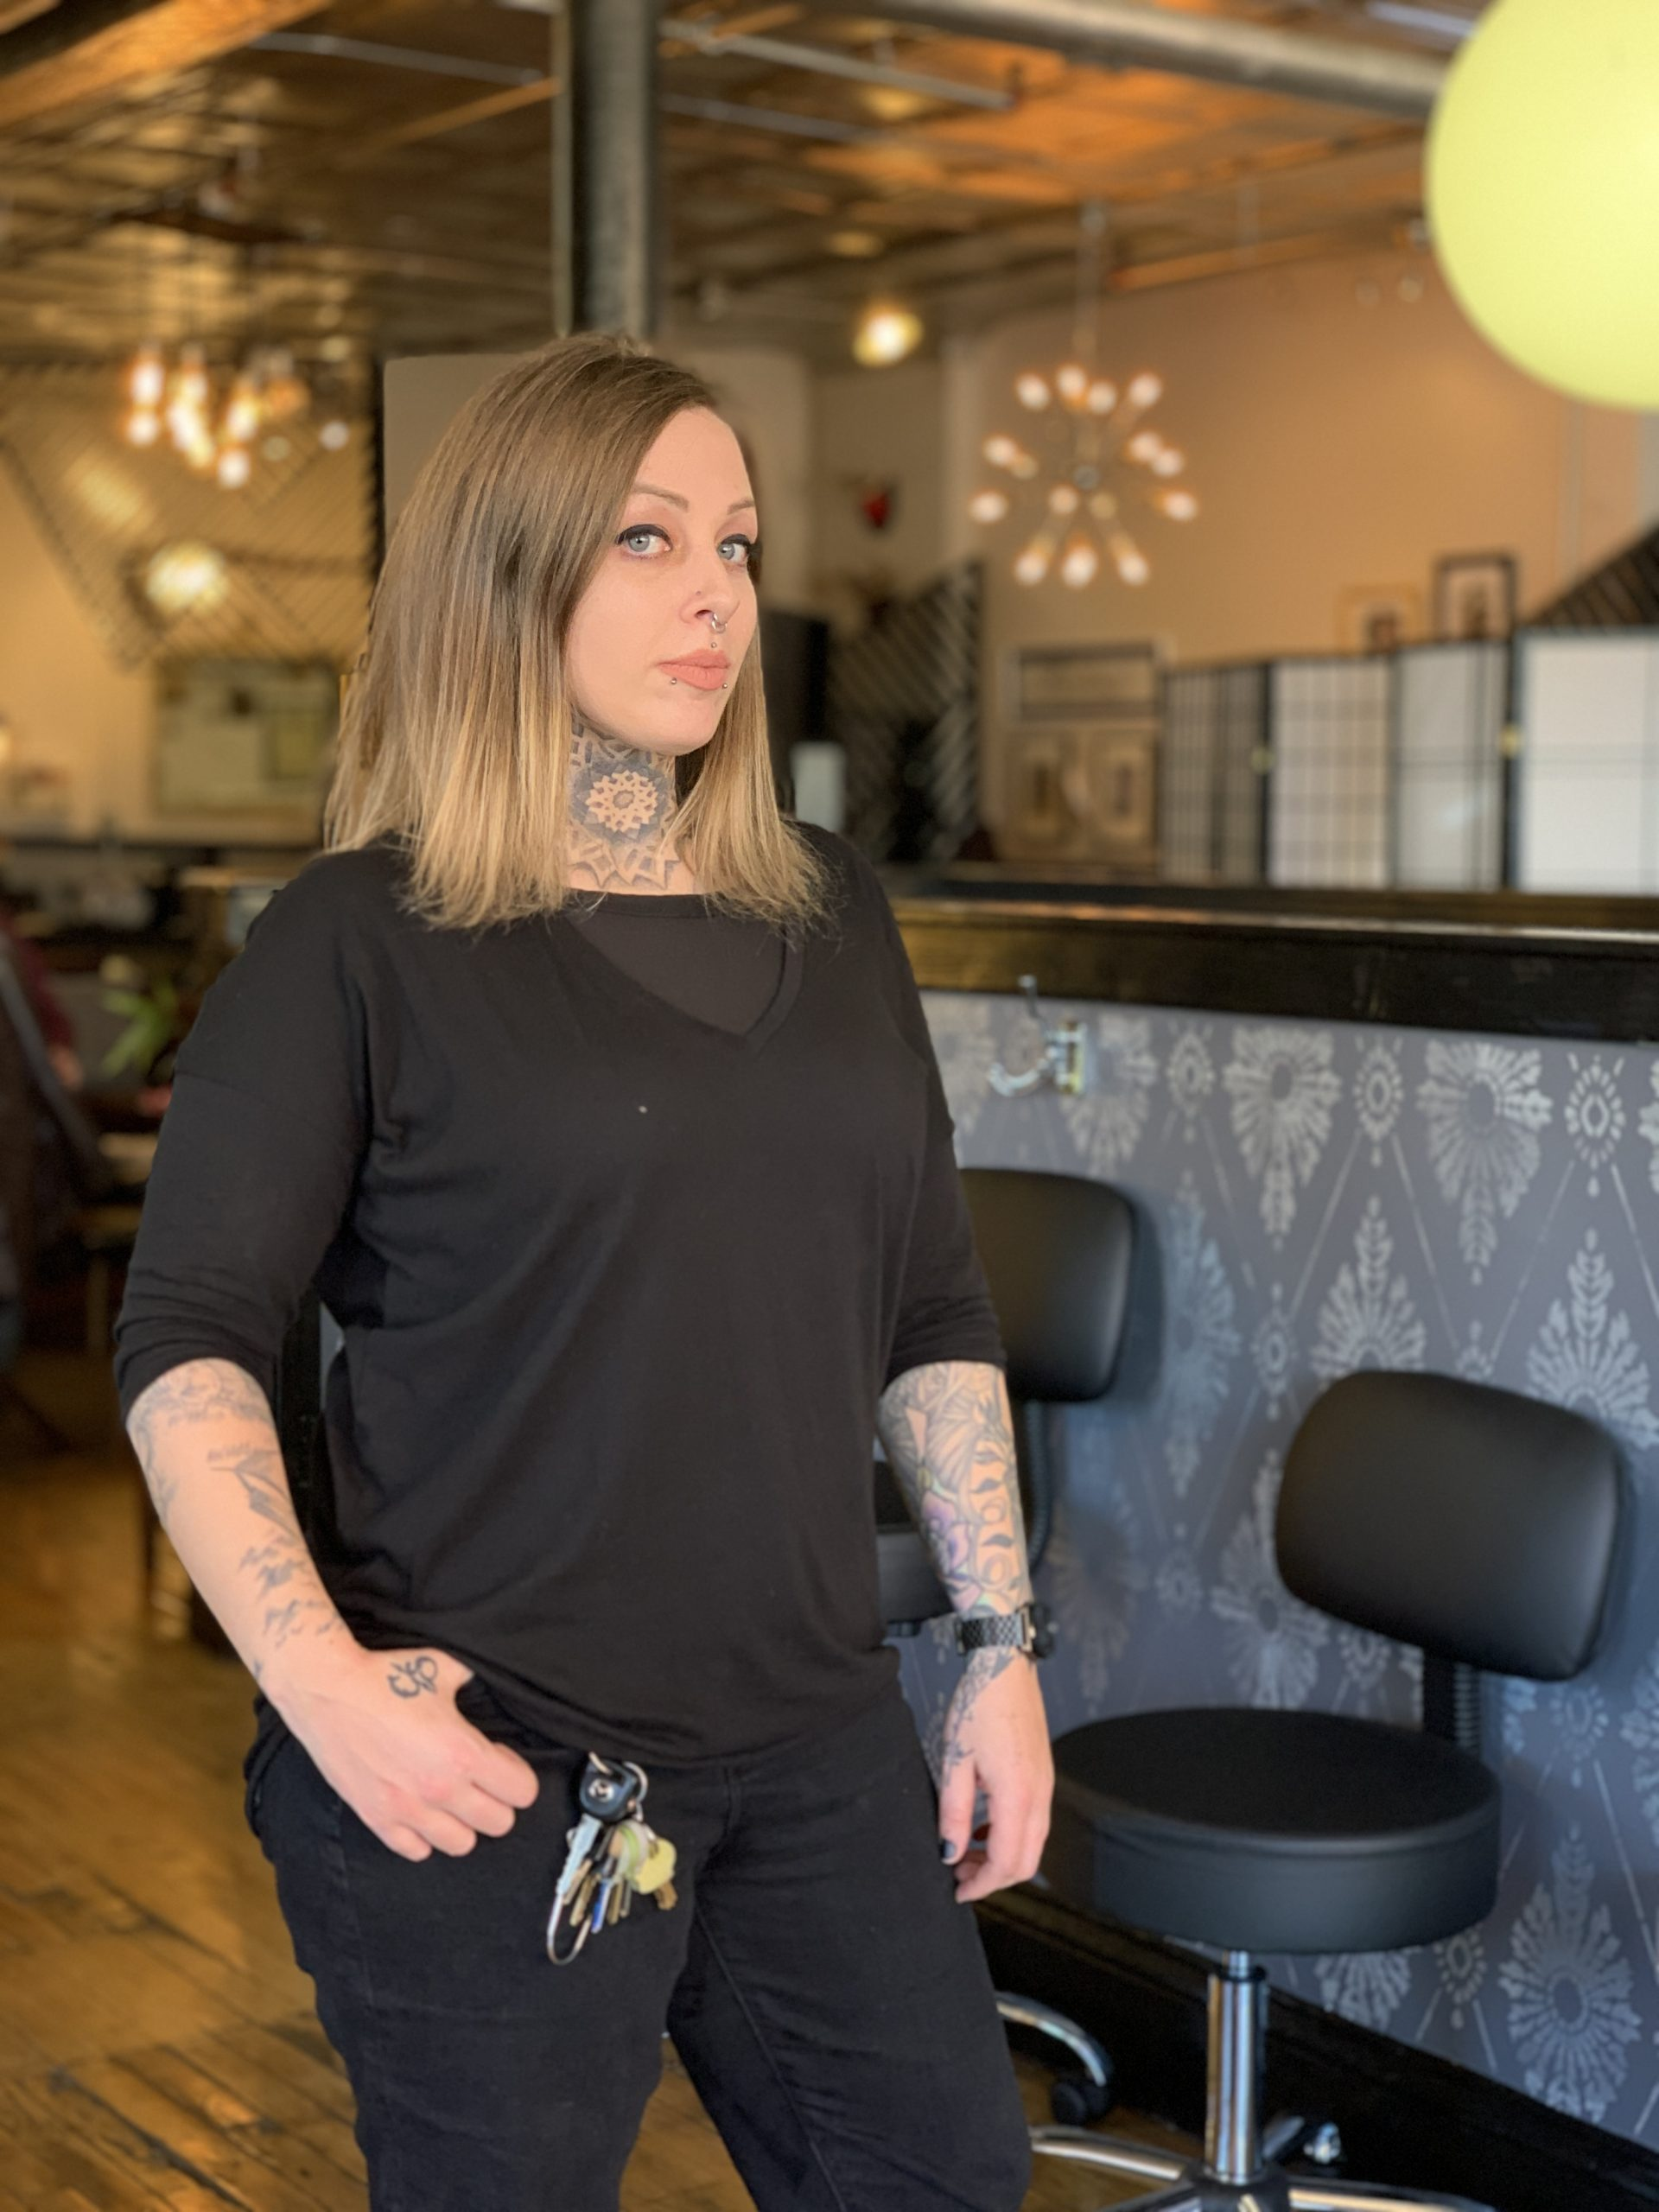 buddy. - Chicago tattoo artist, best tattoo artist chicago, chicago tattoo, tattoo near me. Blackwork Tattoo, QTTR, woman tattooer